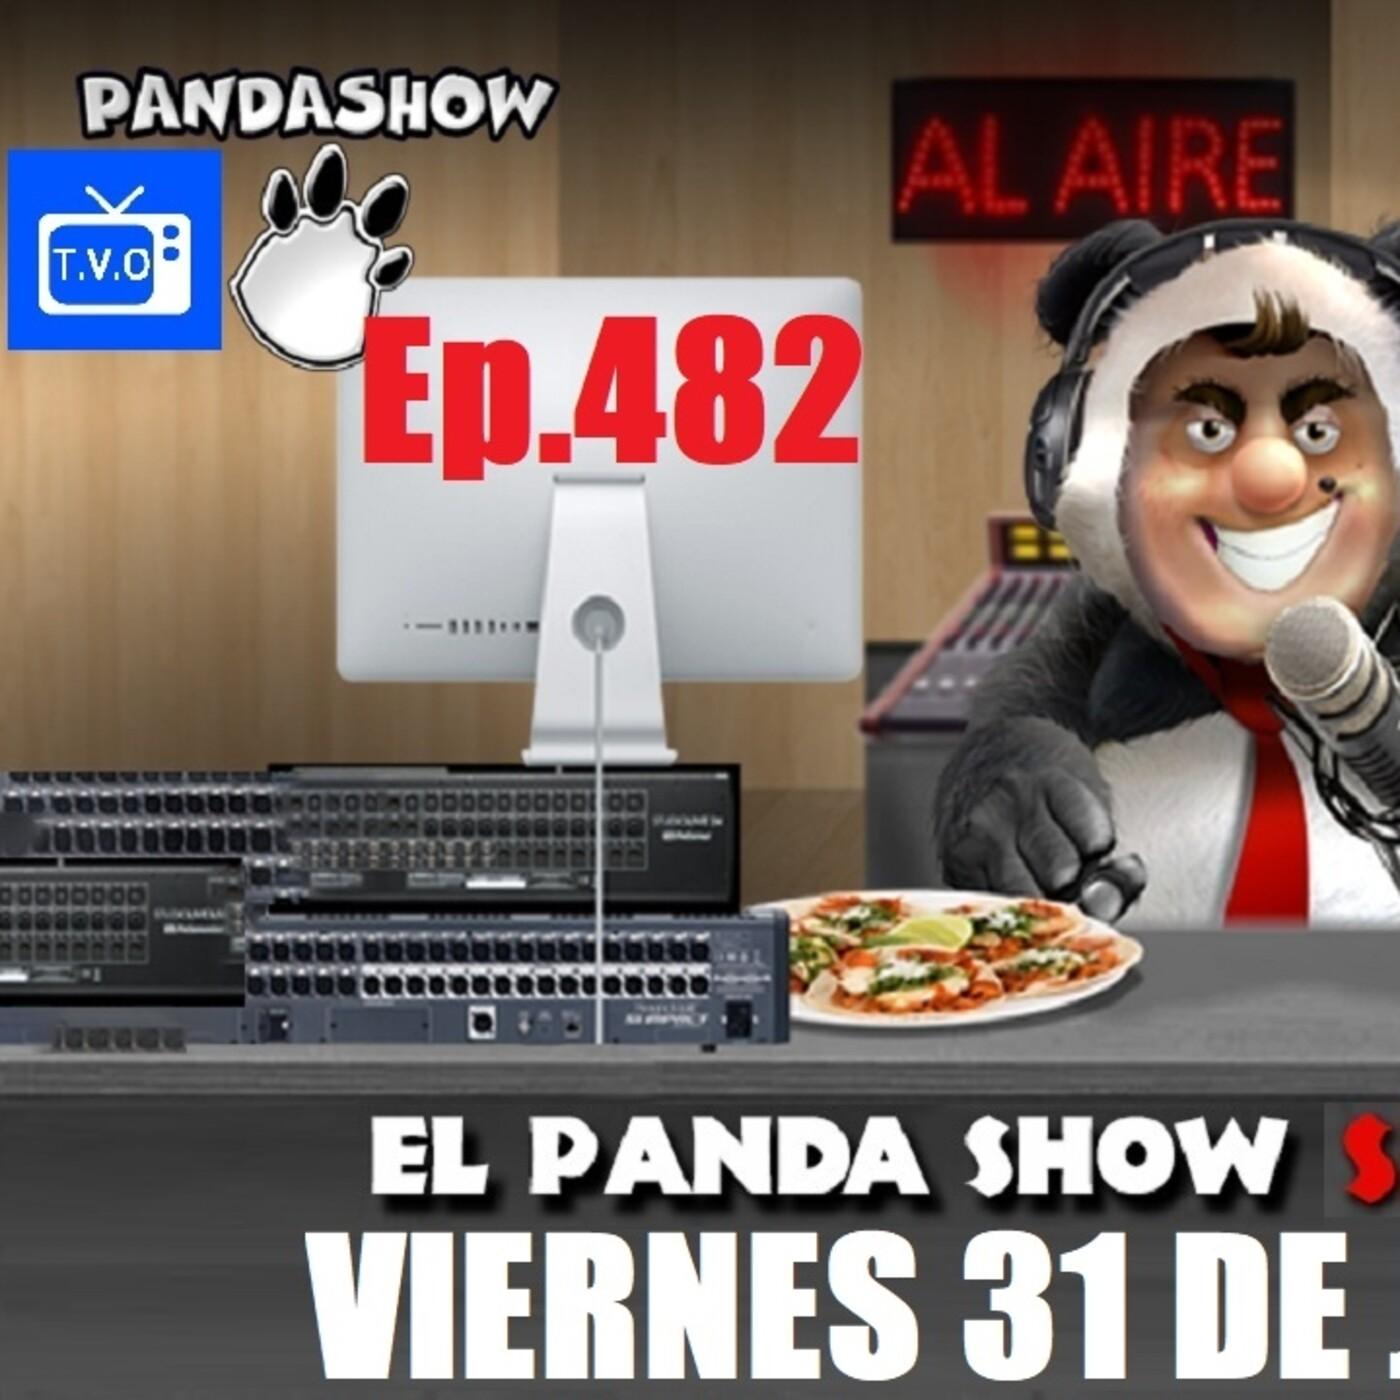 EL PANDA SHOW Ep. 482 VIERNES 31 DE JULIO 2020